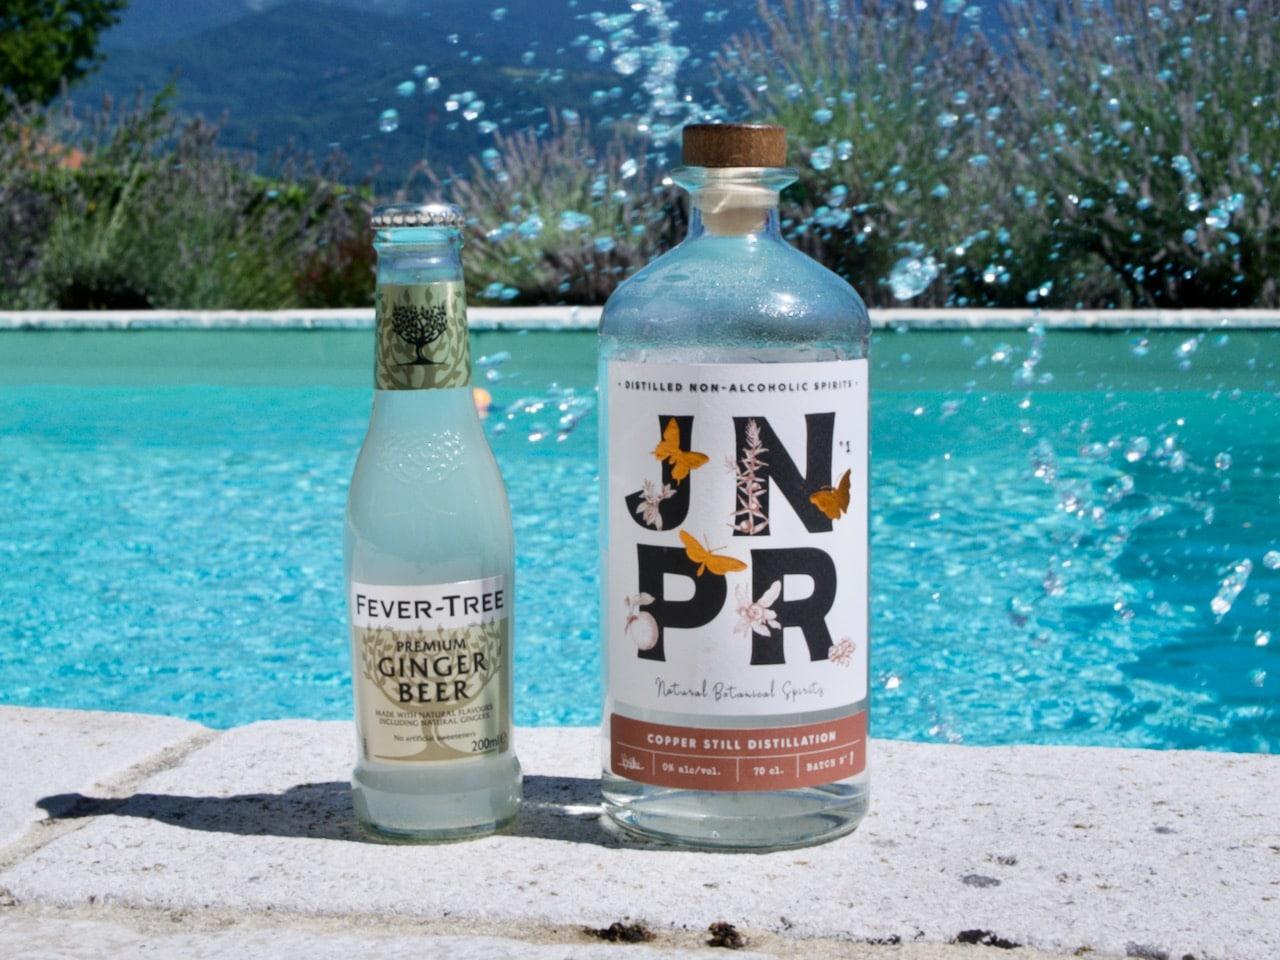 Une bouteille de spiritueux sans alcool JNPR accompagnée d'une bouteille de Ginger Beer Fever Tree